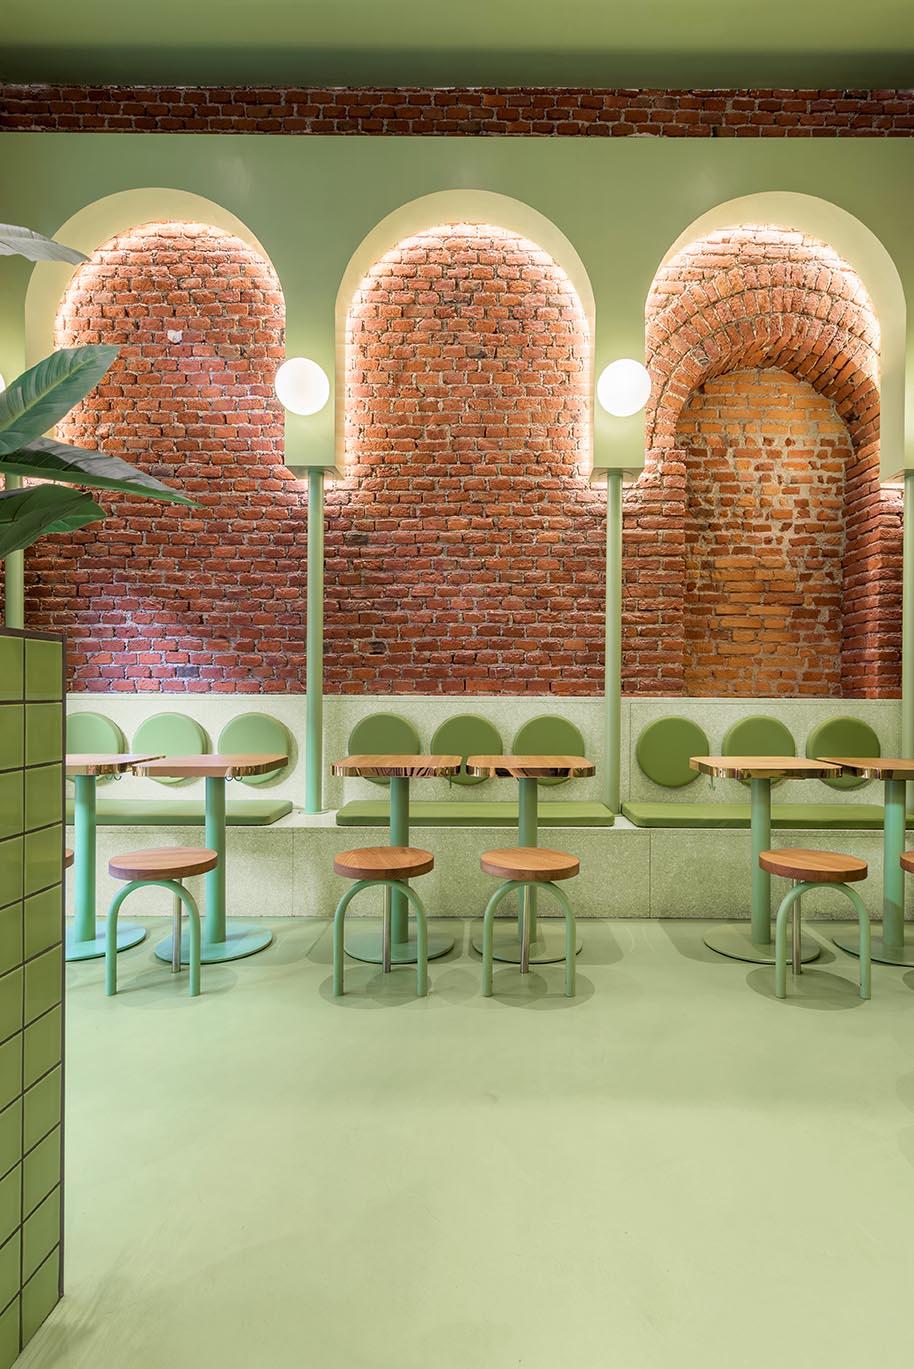 A new restaurant has brick walls and green interior design elements.